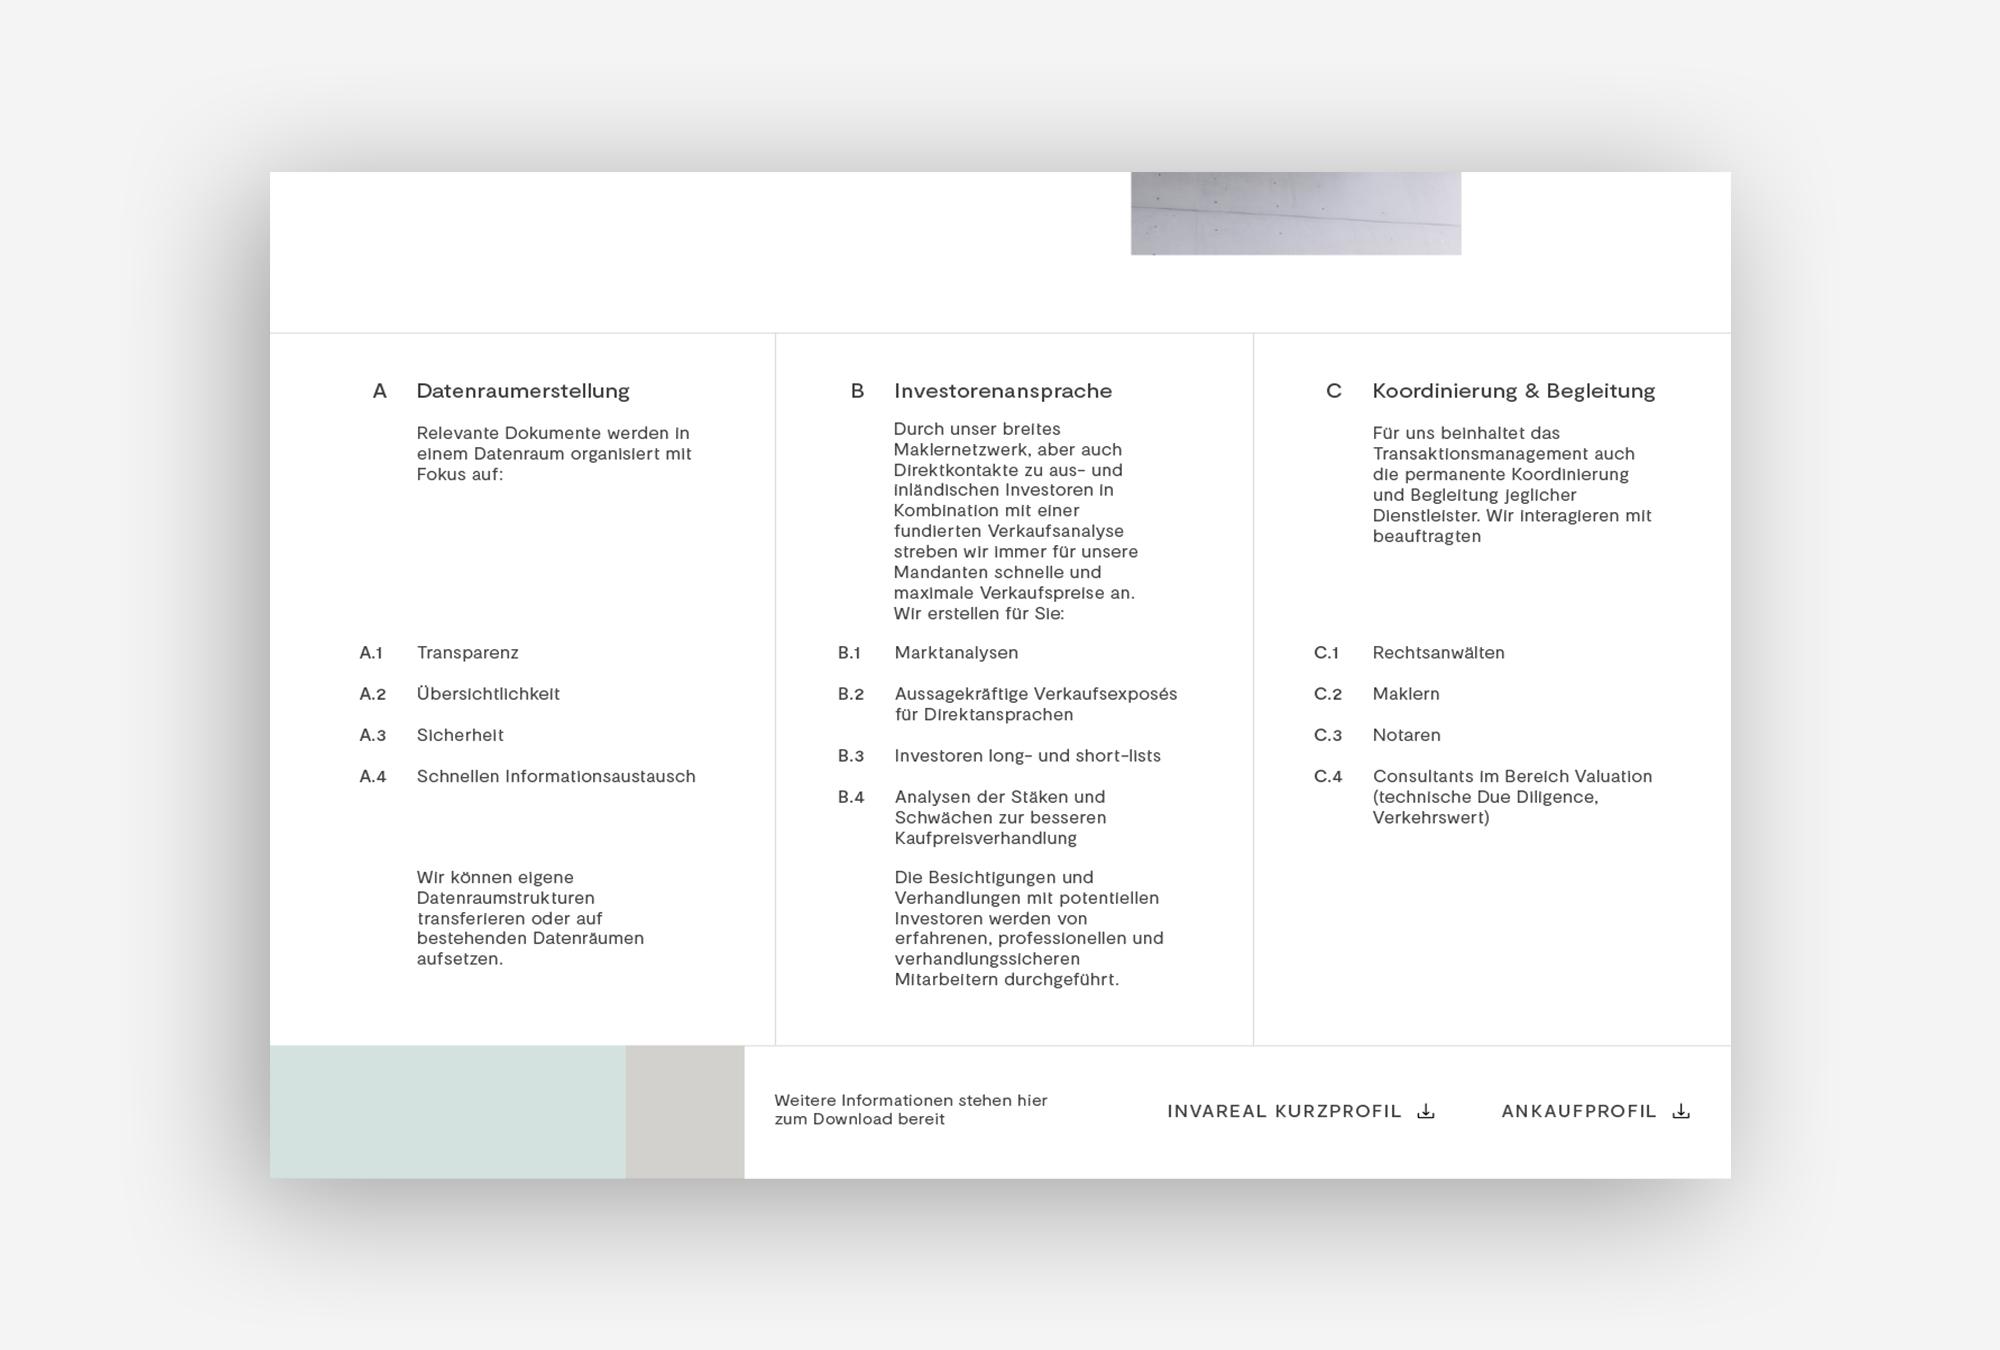 ffine-brinkmann-sonnenberg-Invareal-Webseite_02.jpg